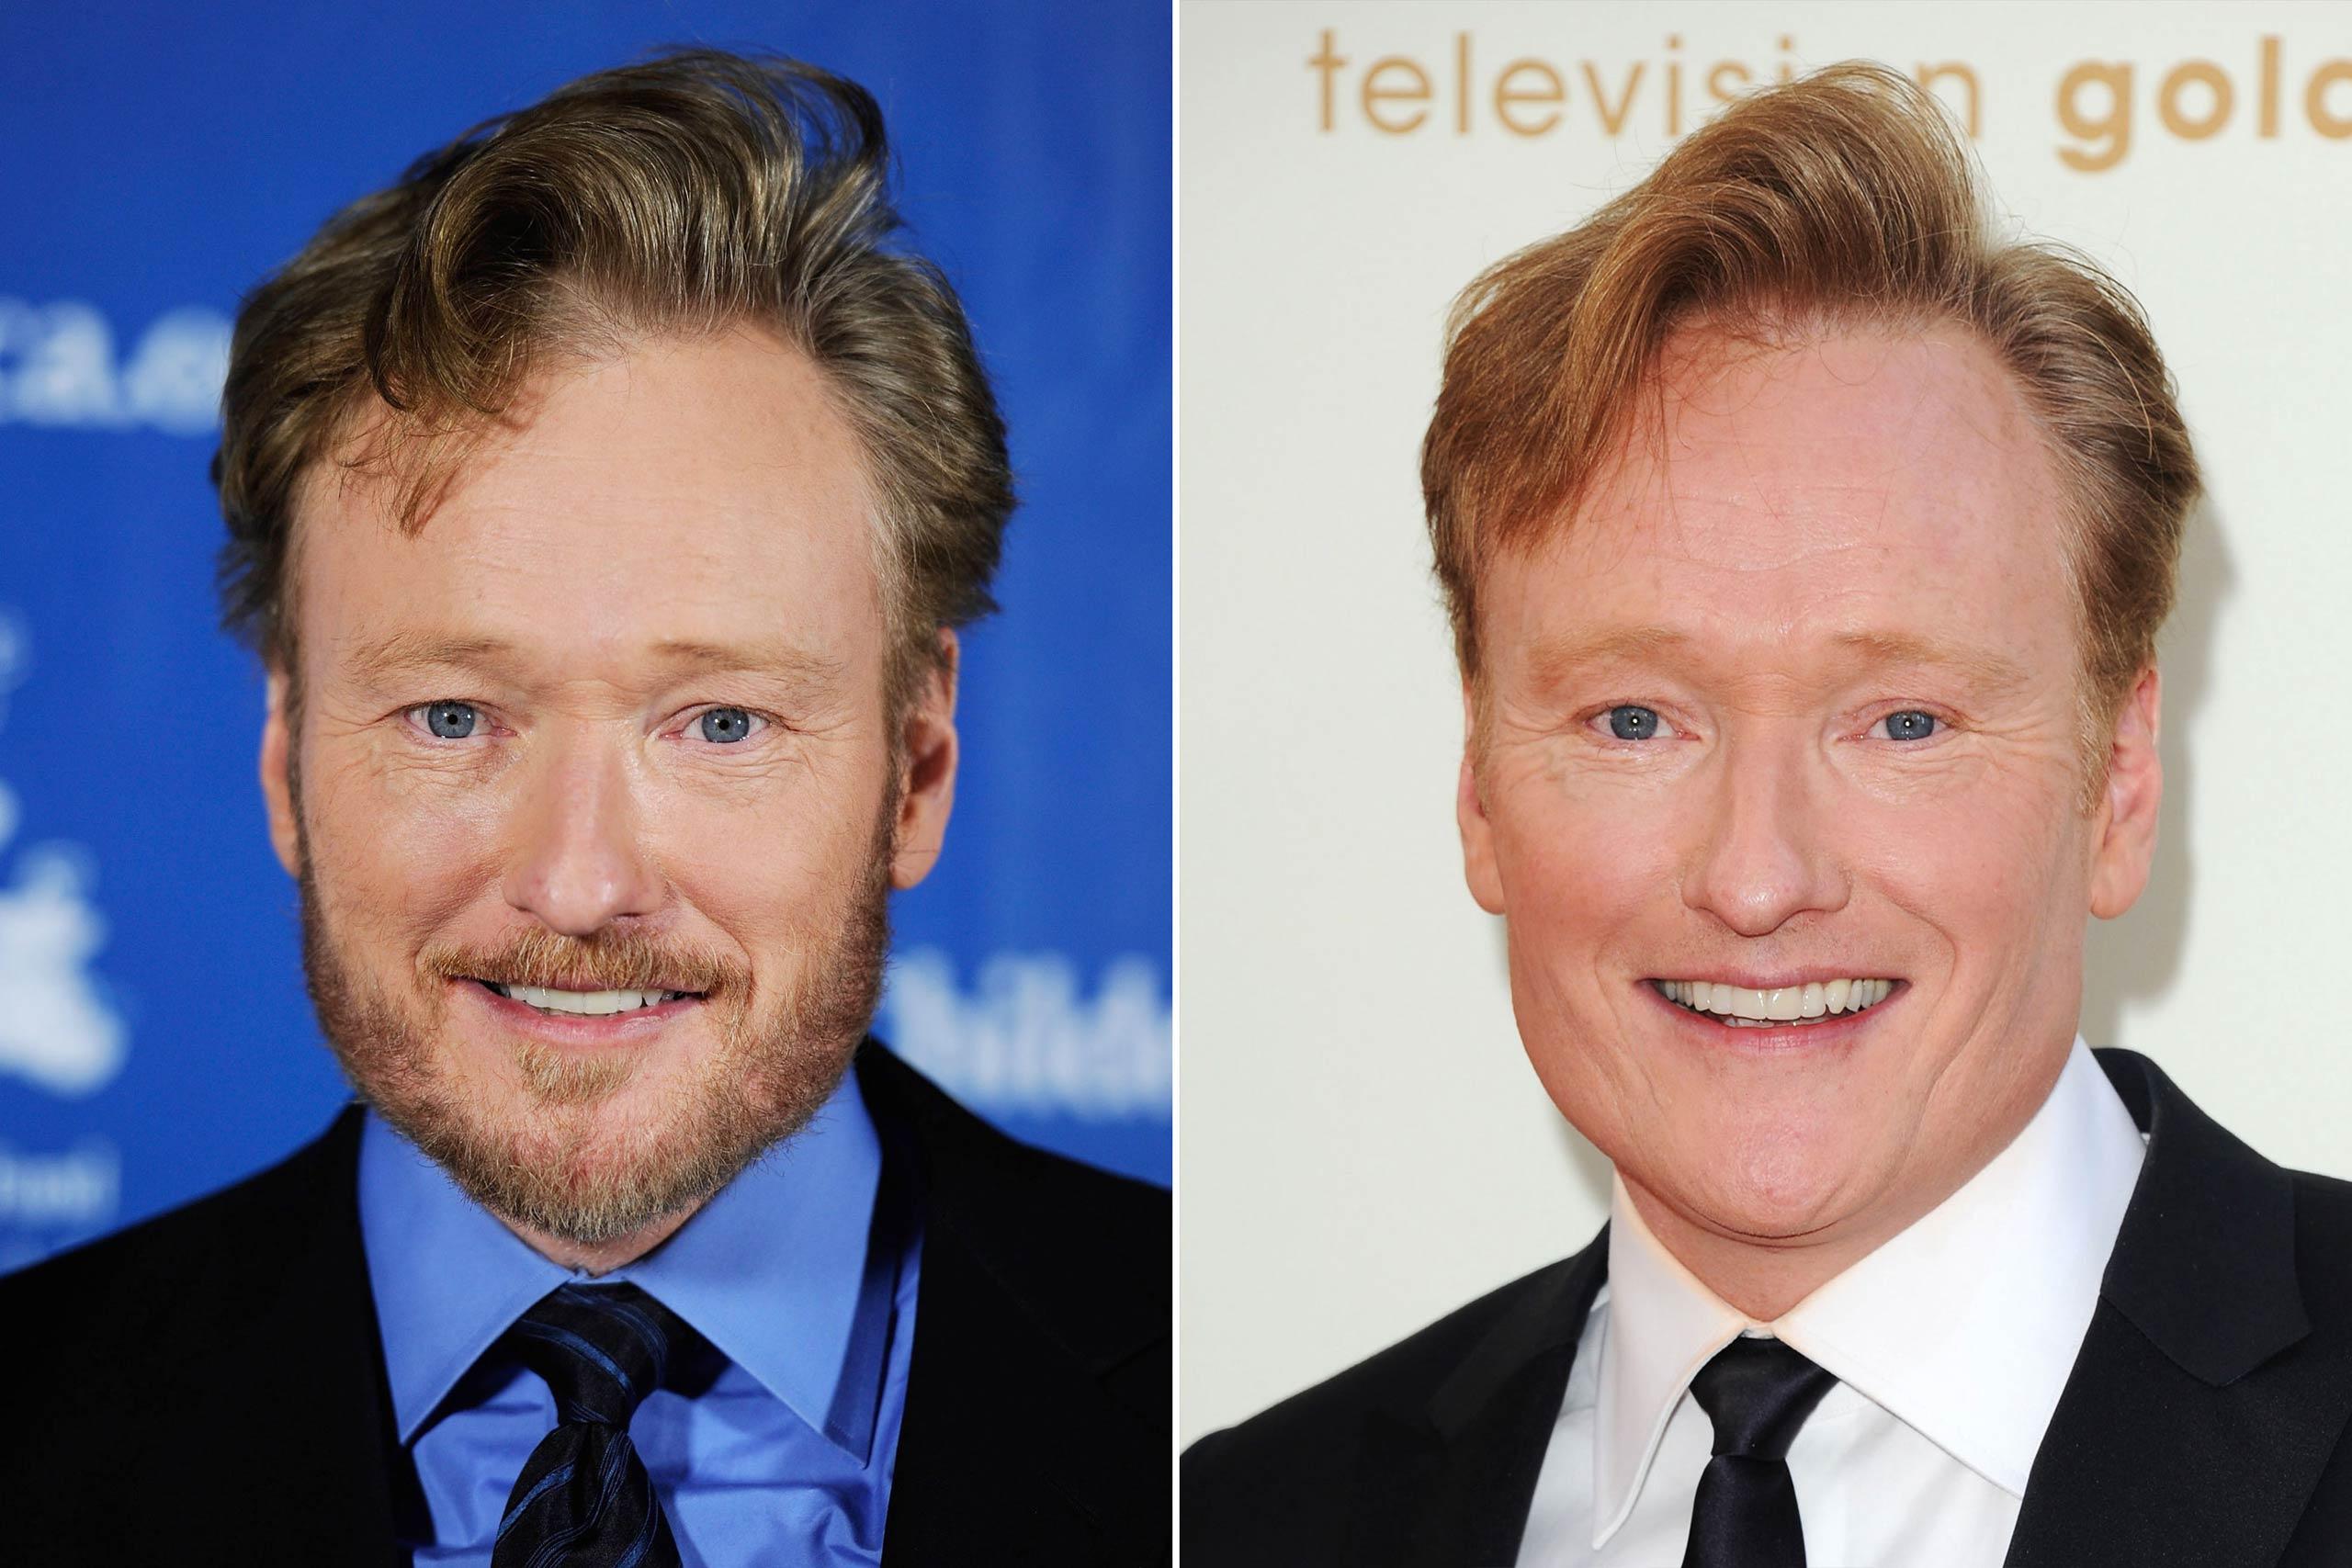 <strong>Conan O'Brien</strong>